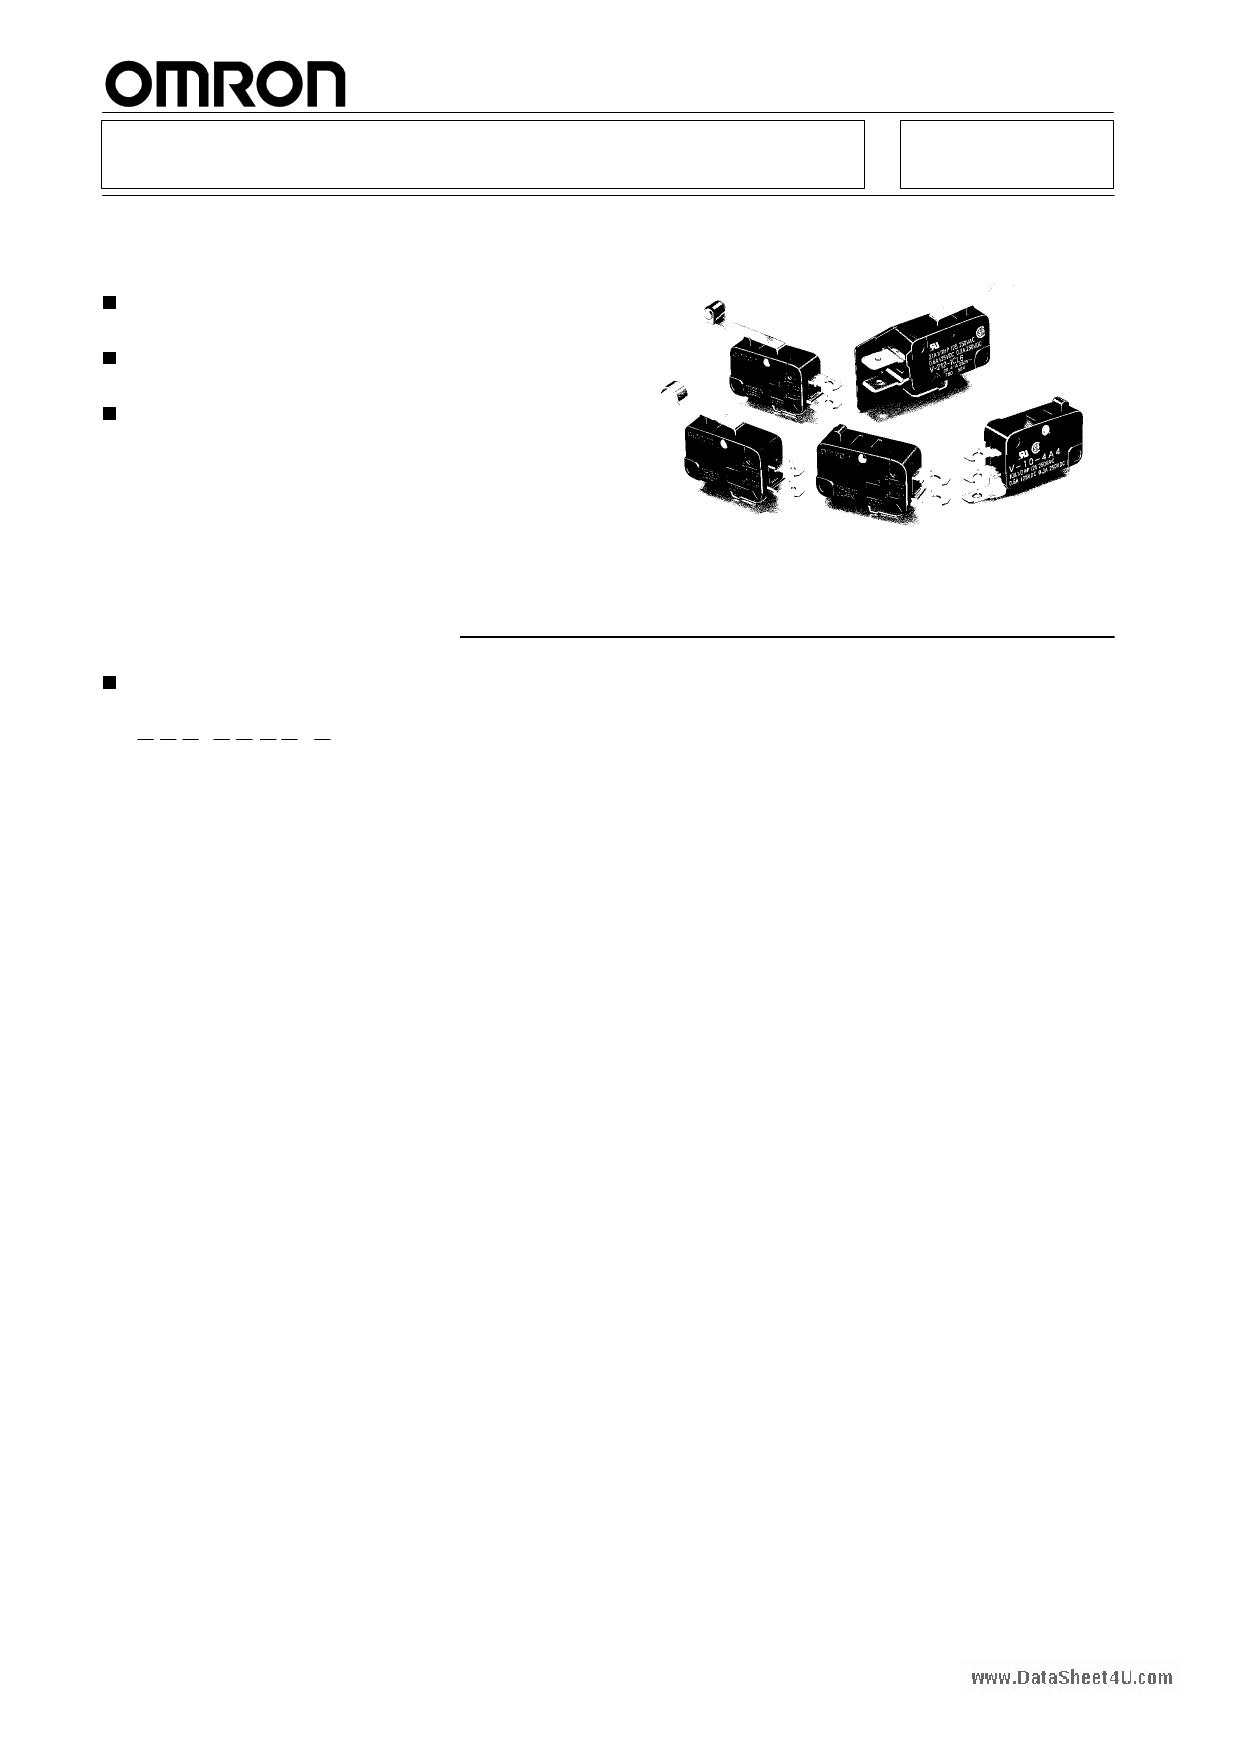 V-112-1A4 Даташит, Описание, Даташиты